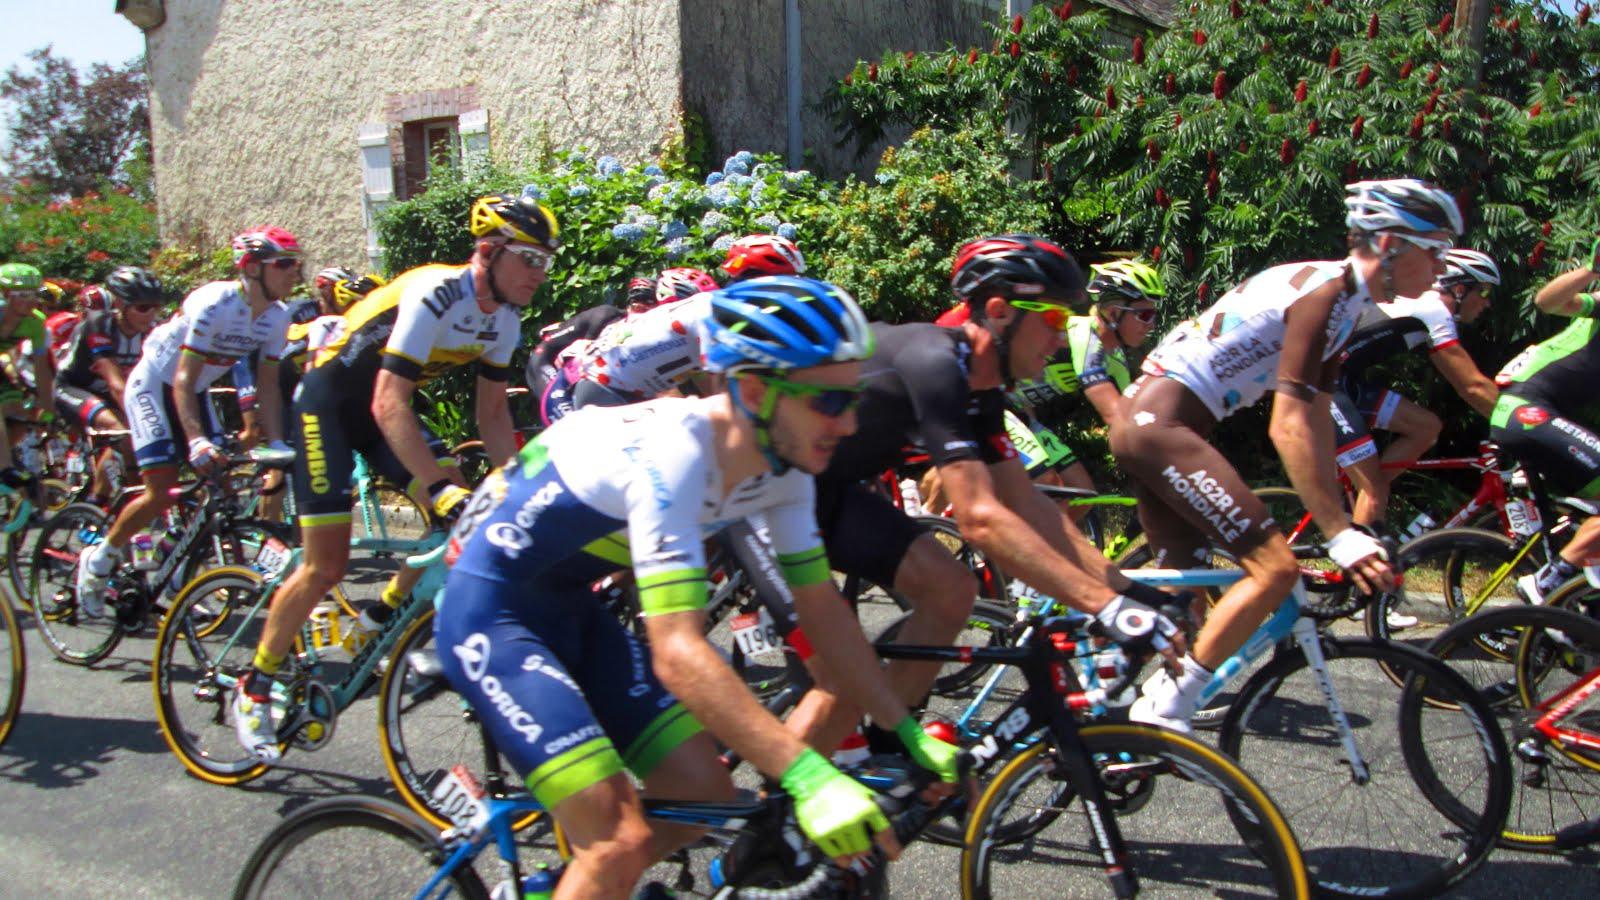 10° ETAPE DU TOUR DE FRANCE : TARBES/LA PIERRE-SAINT-MARTIN